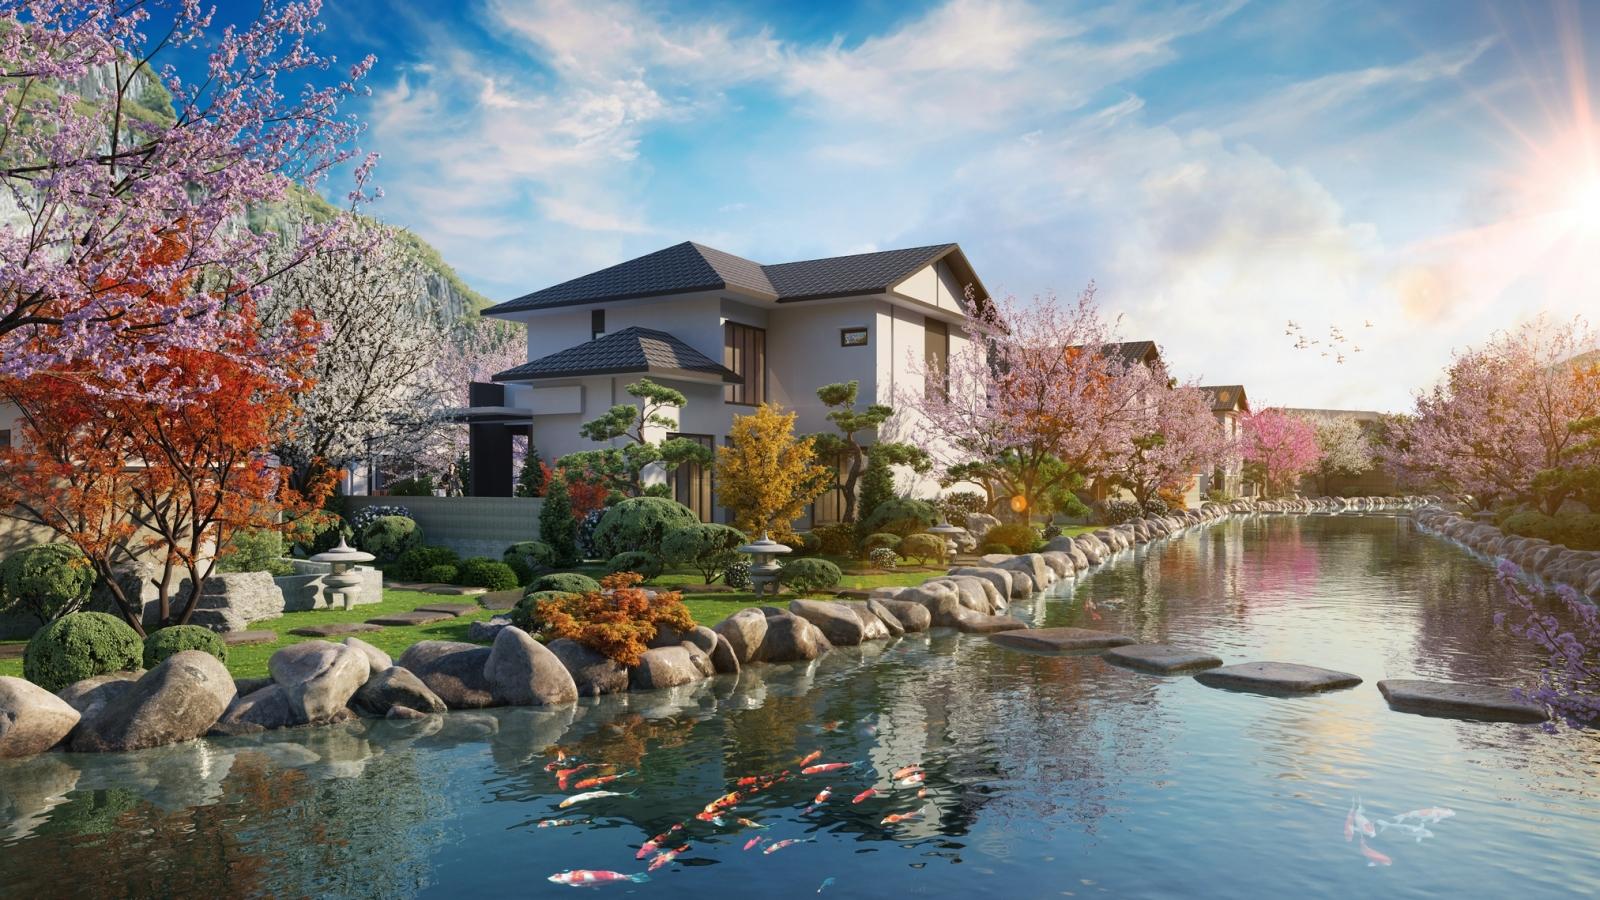 Sun Onsen Village - Limited Edition: Đưa tắm khoáng nóng vào nhịp sống thường nhật